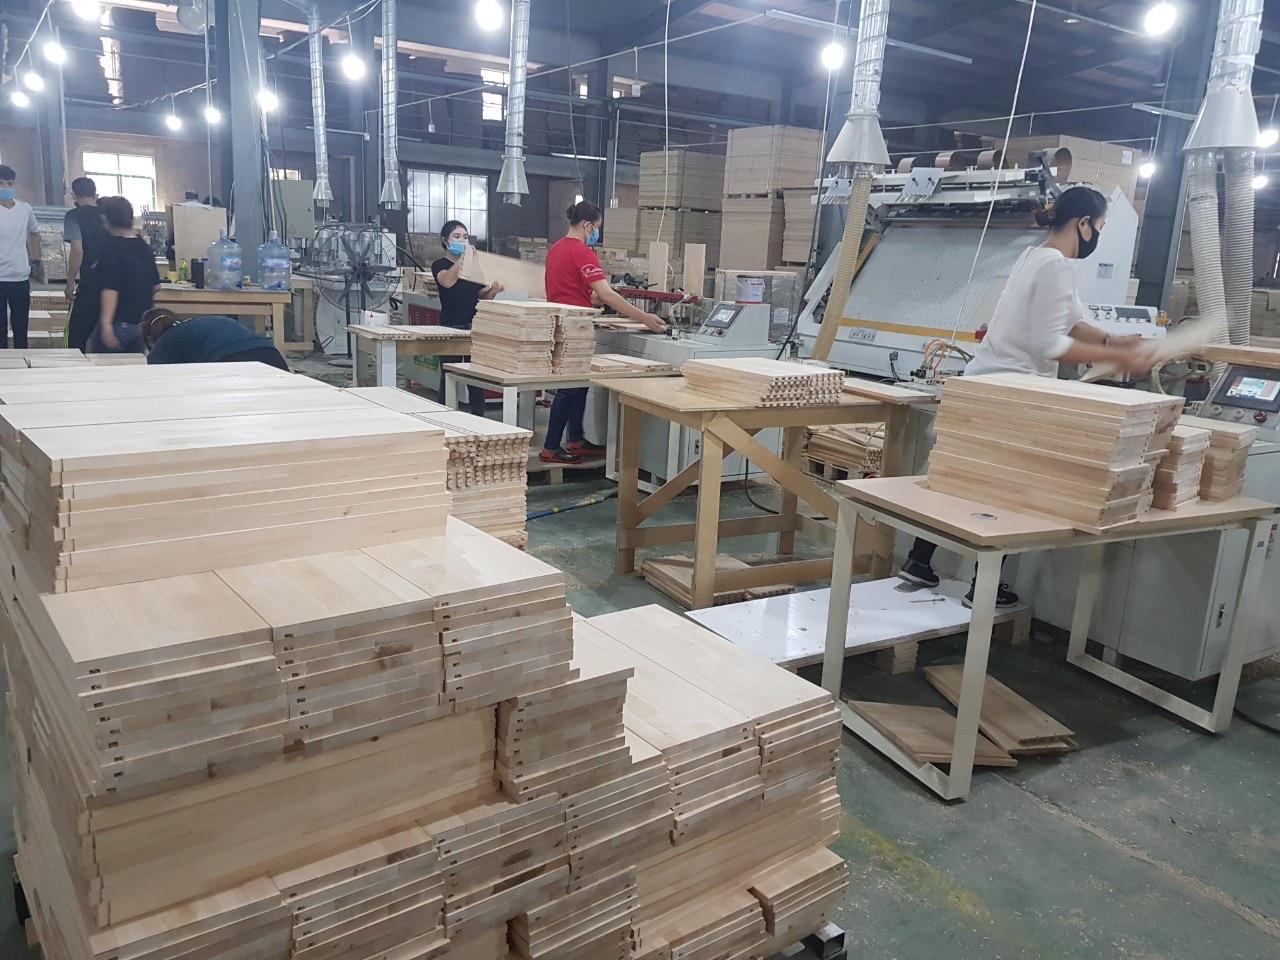 Đại dịch COVID 19 khiến ngành gỗ đứng trước thảm cảnh không có đơn hàng kể từ tháng 4/2020 cho đến năm 2021